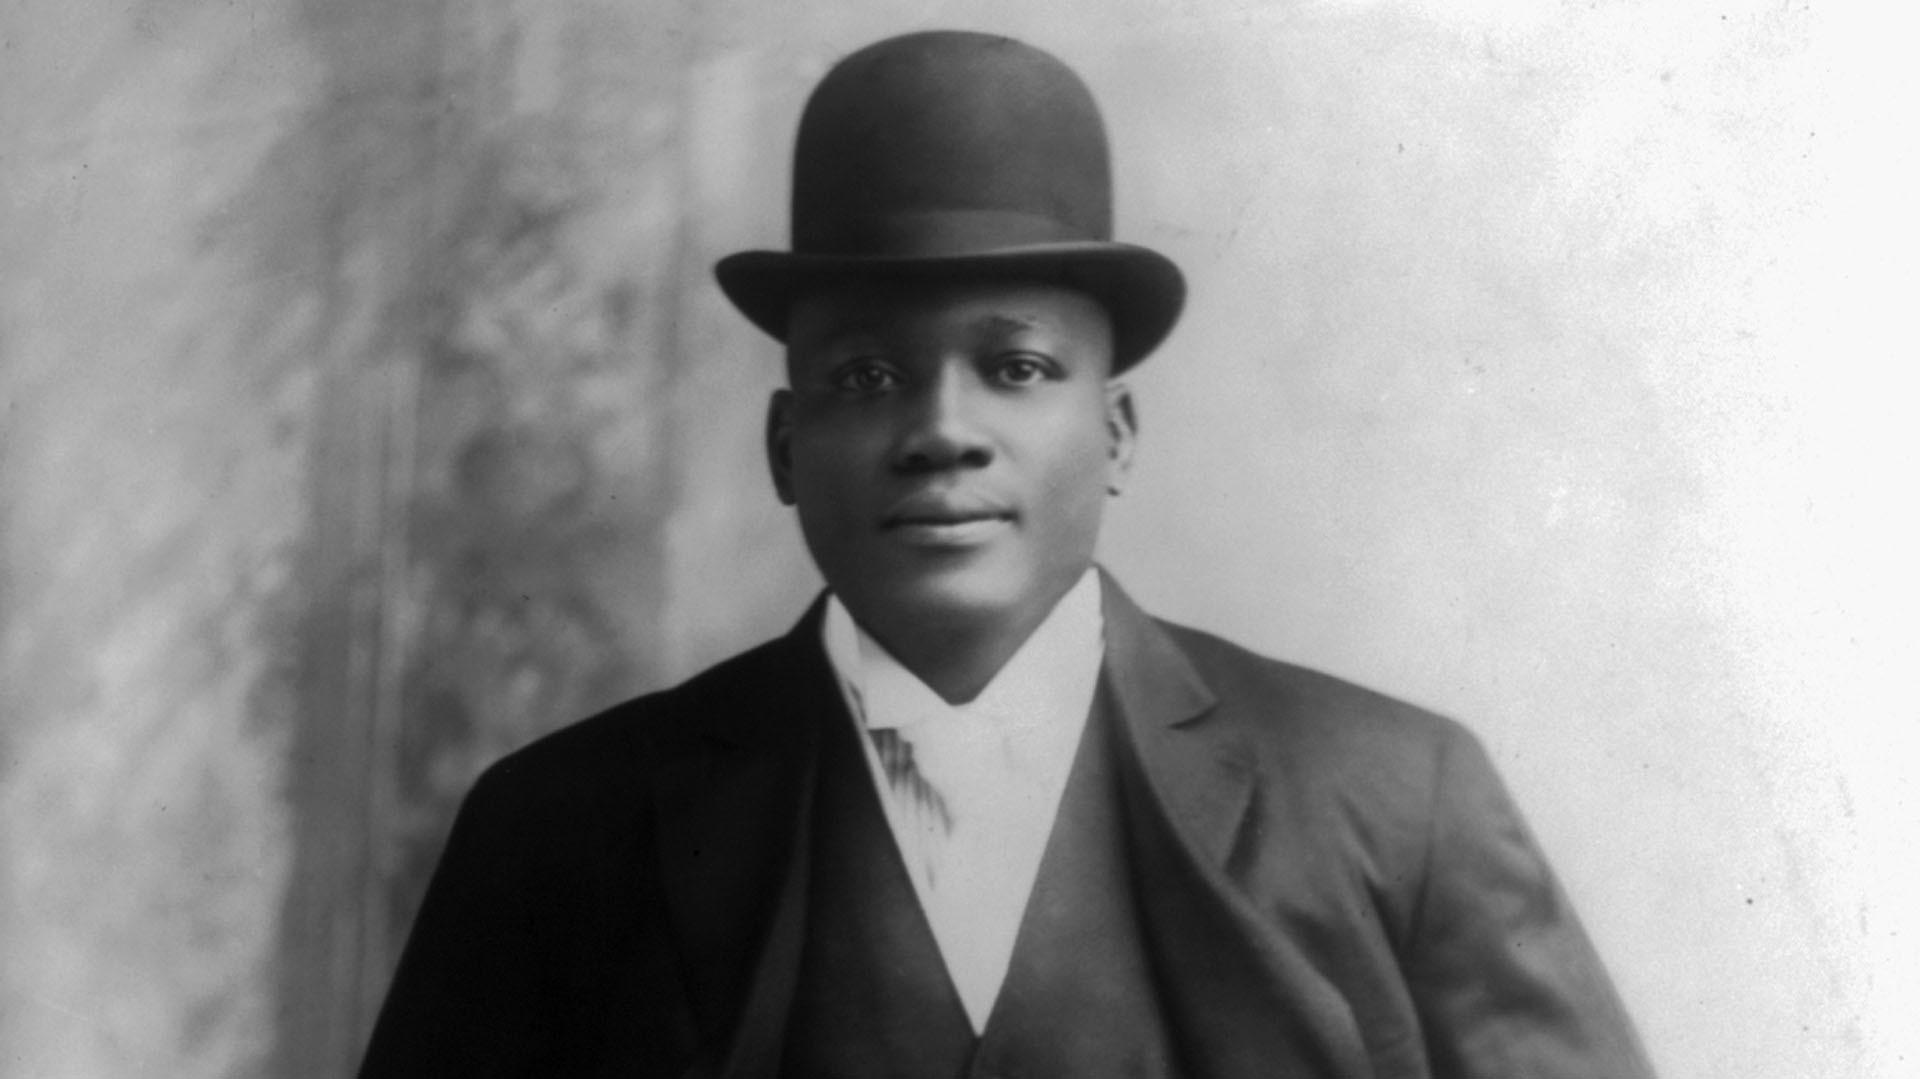 Jack Johnson in 1908